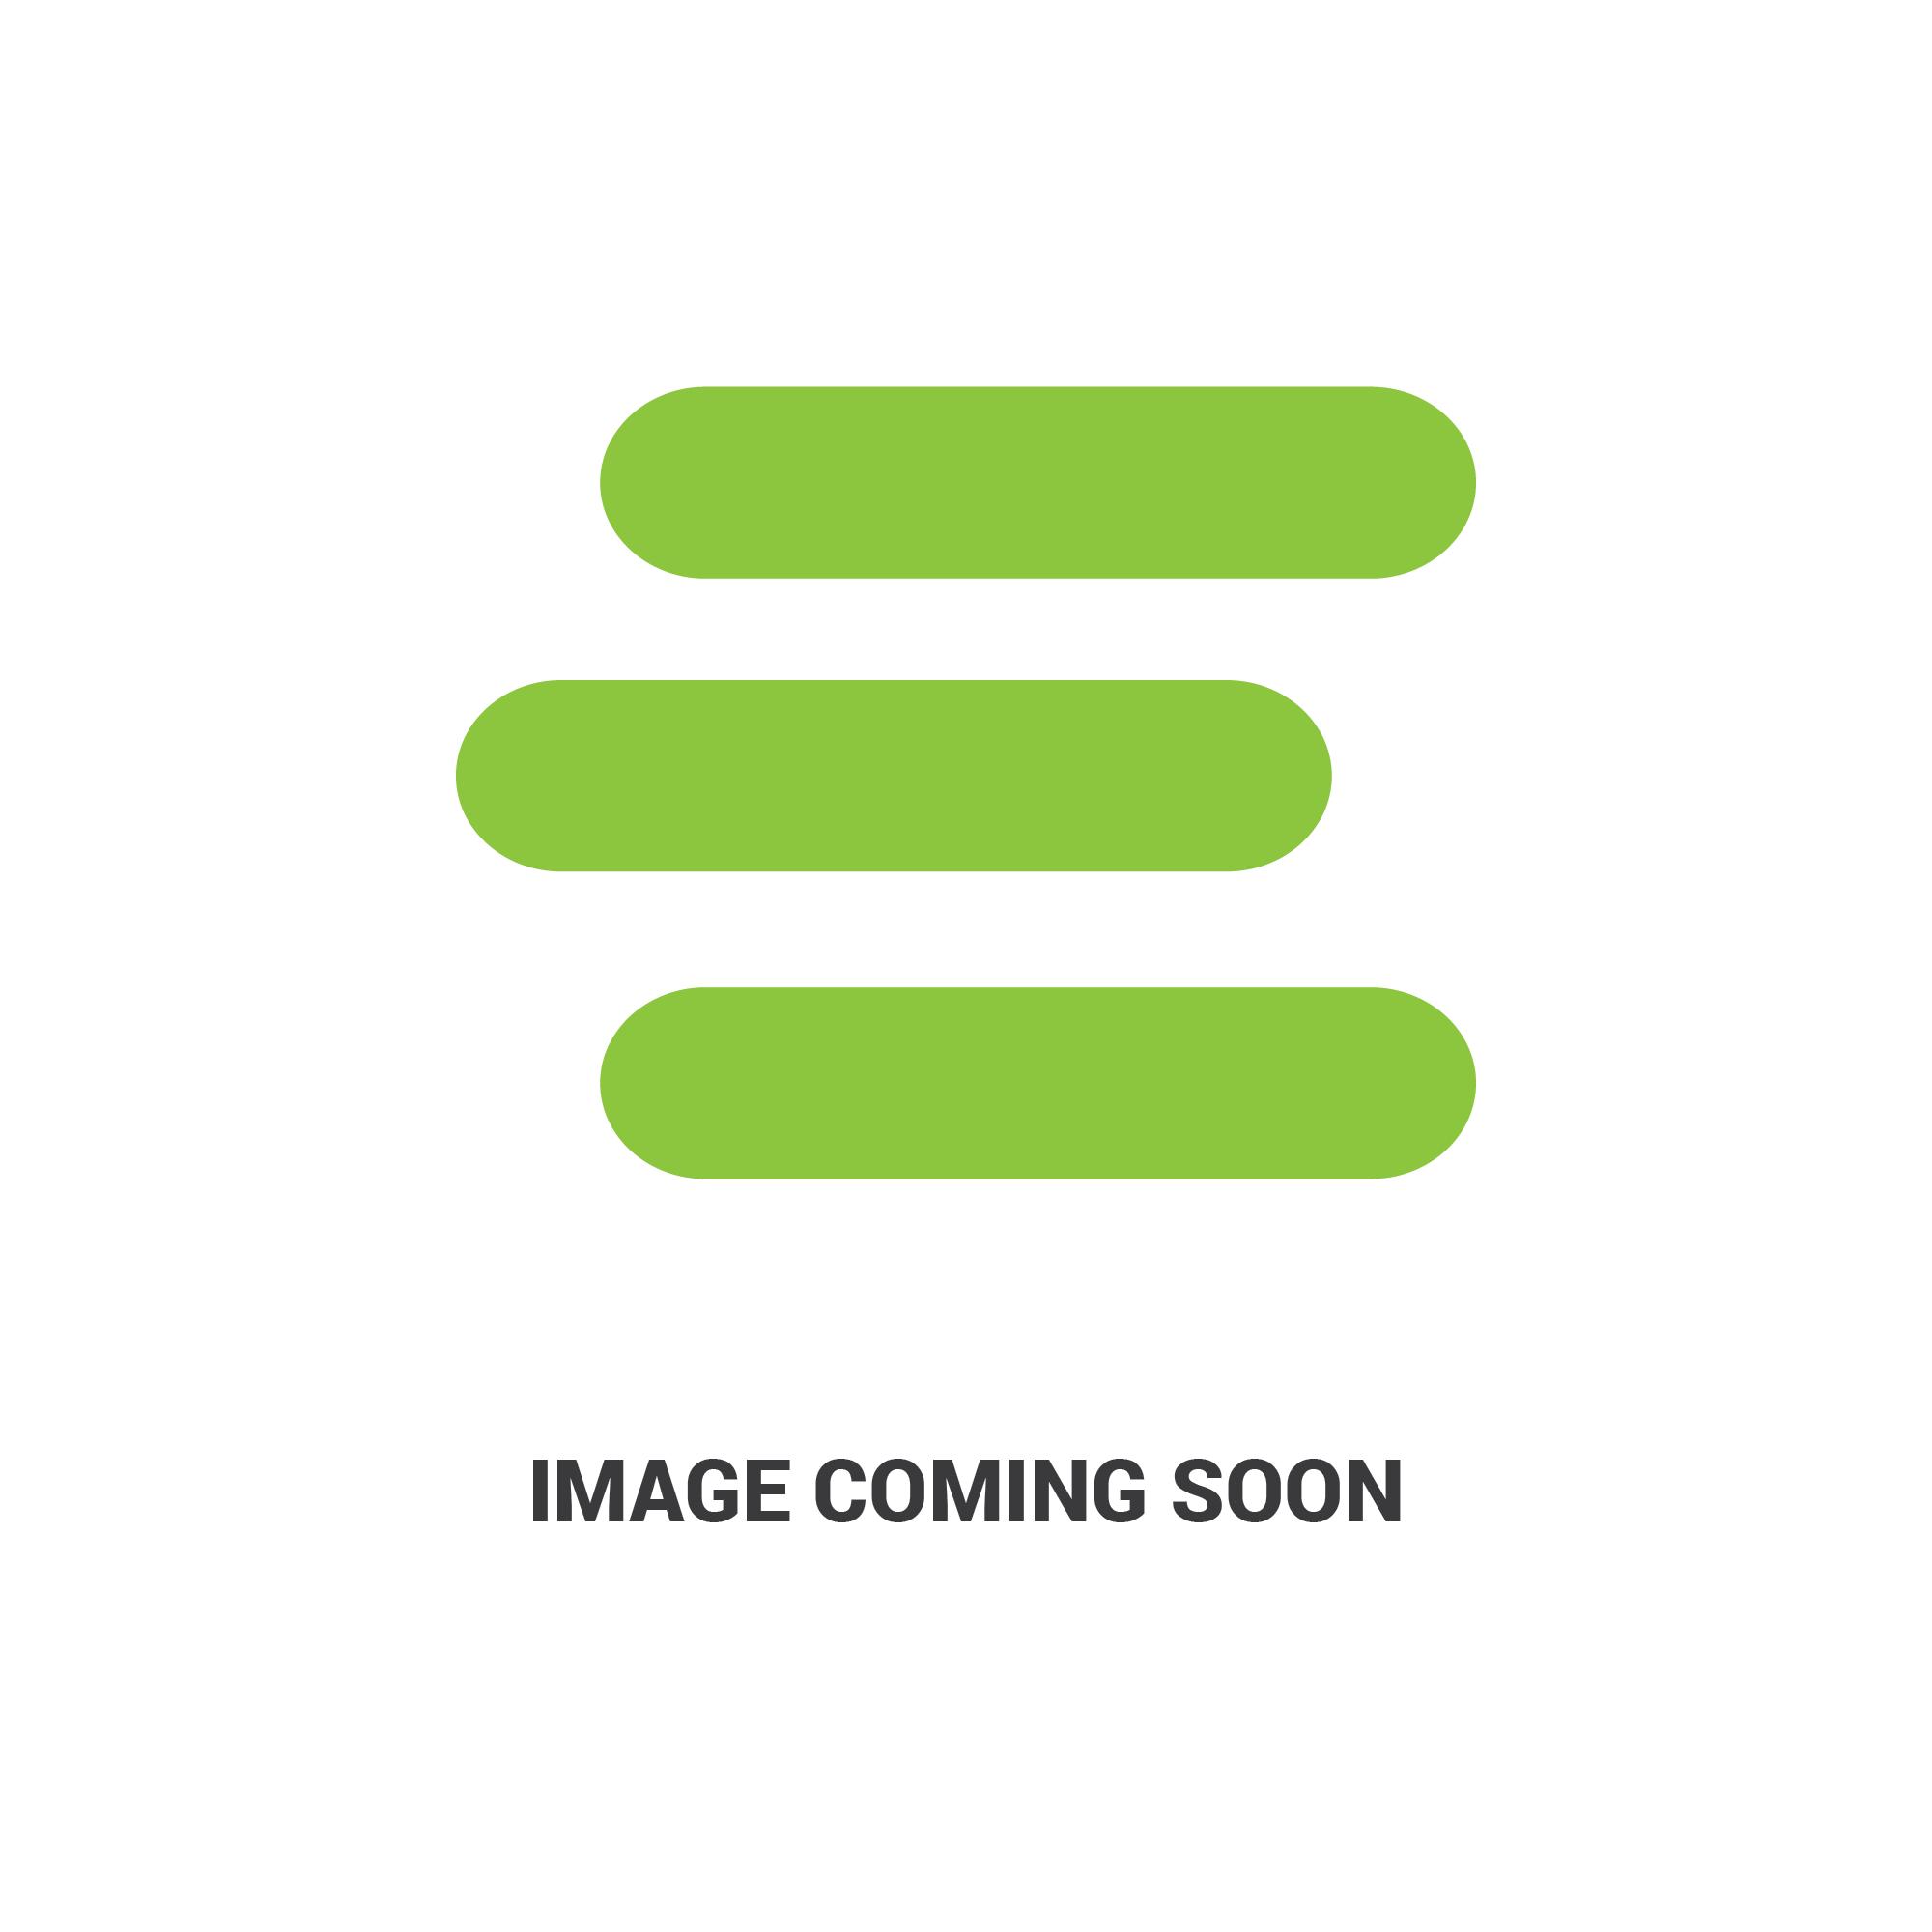 E-AR500412162_1.jpg